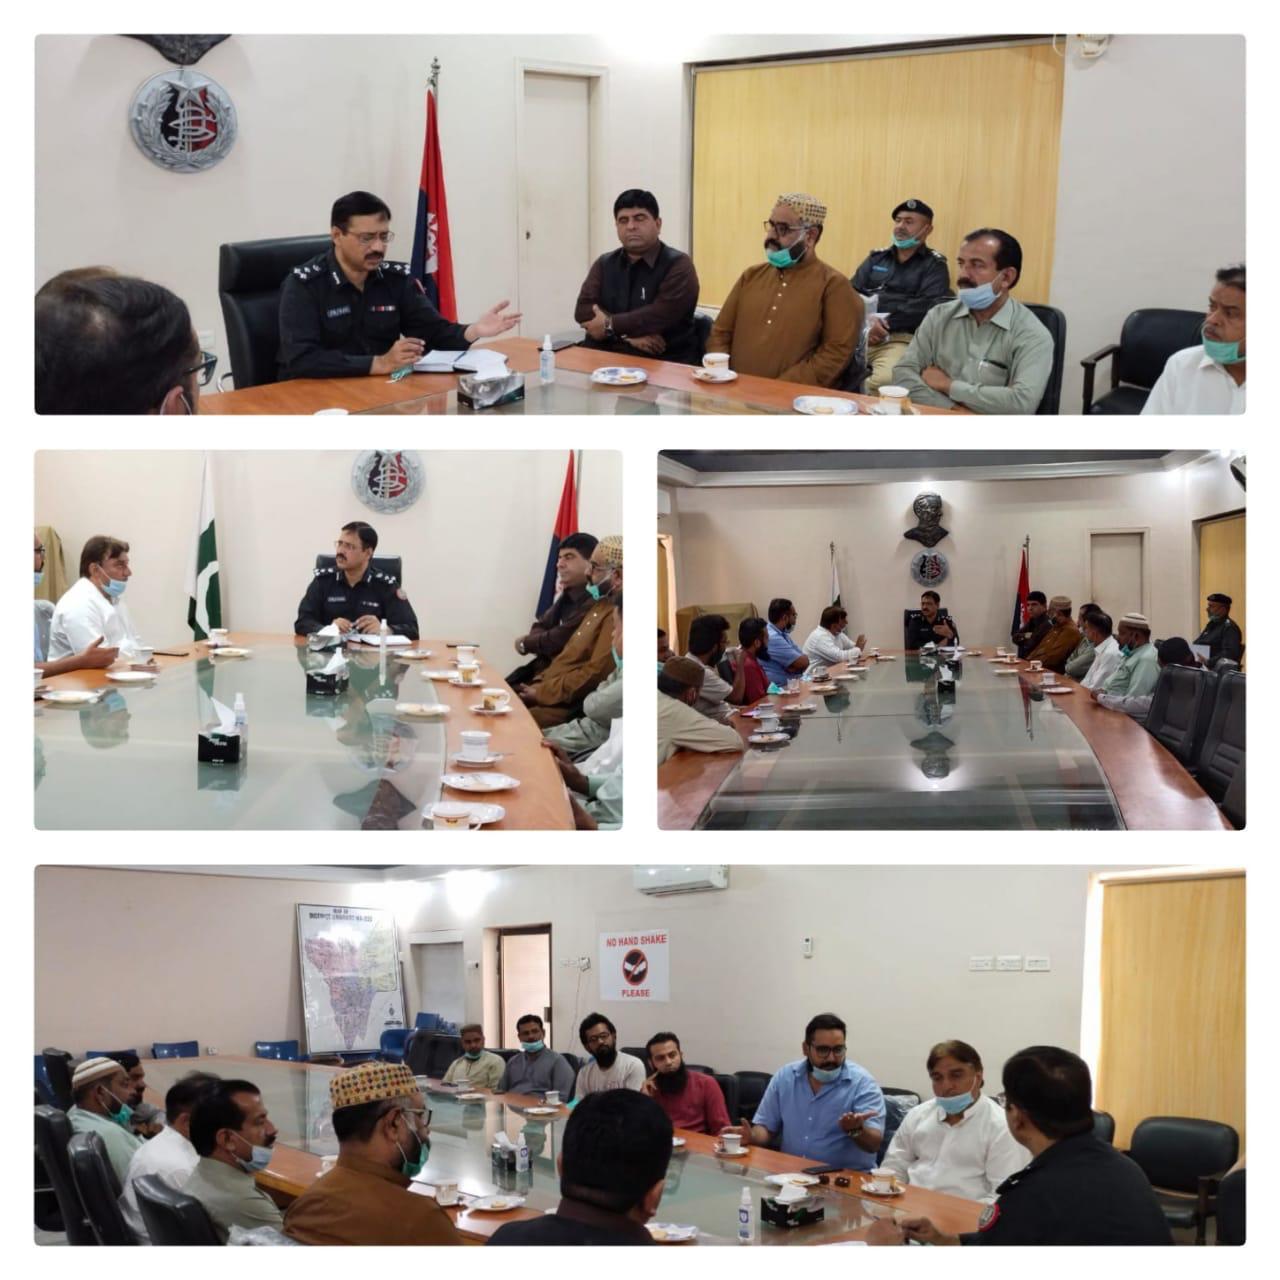 ڈپٹی انسپکٹر جنرل آف پولیس میرپورخاص رینج ذوالفقار علی مہر صاحب کی جانب سے انجمن تاجران ضلع میرپورخاص کے وفد سے ملاقات